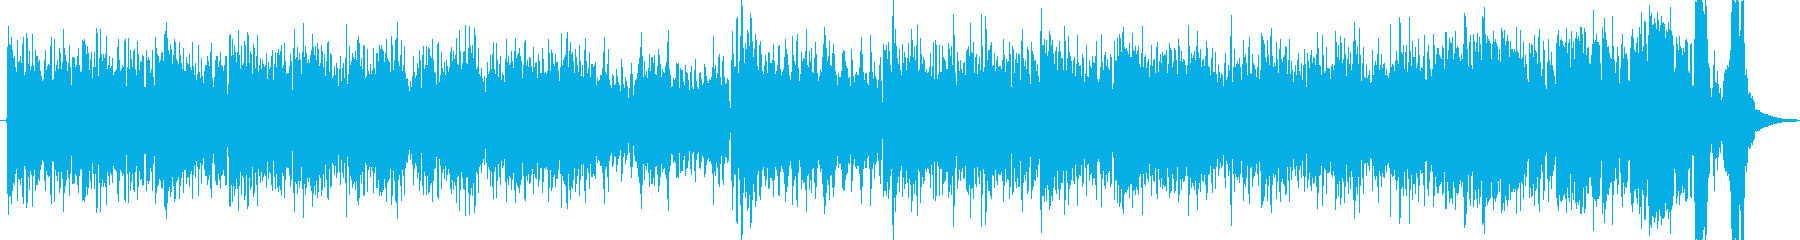 エネルギーチャージをイメージの再生済みの波形